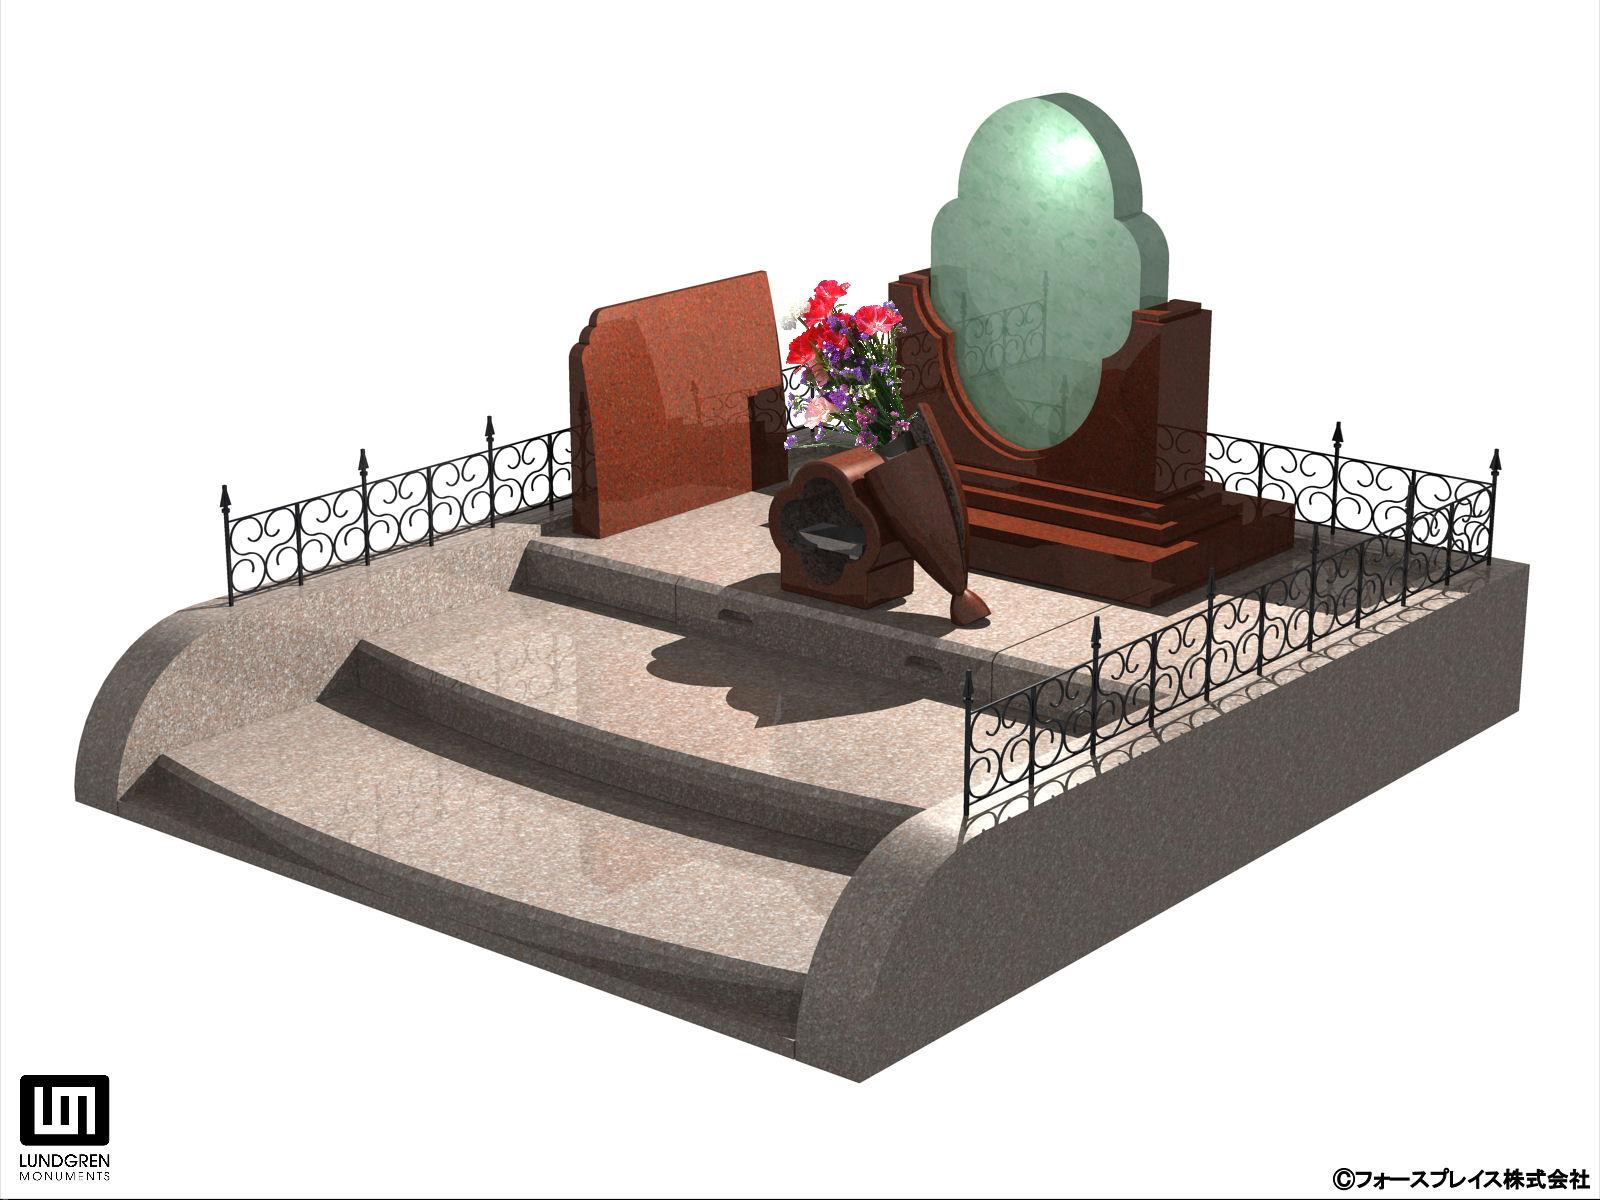 『光り墓』ニューデザイン イメージ  『光り墓』ニューデザイン イメージ 報道関係者向け お問い